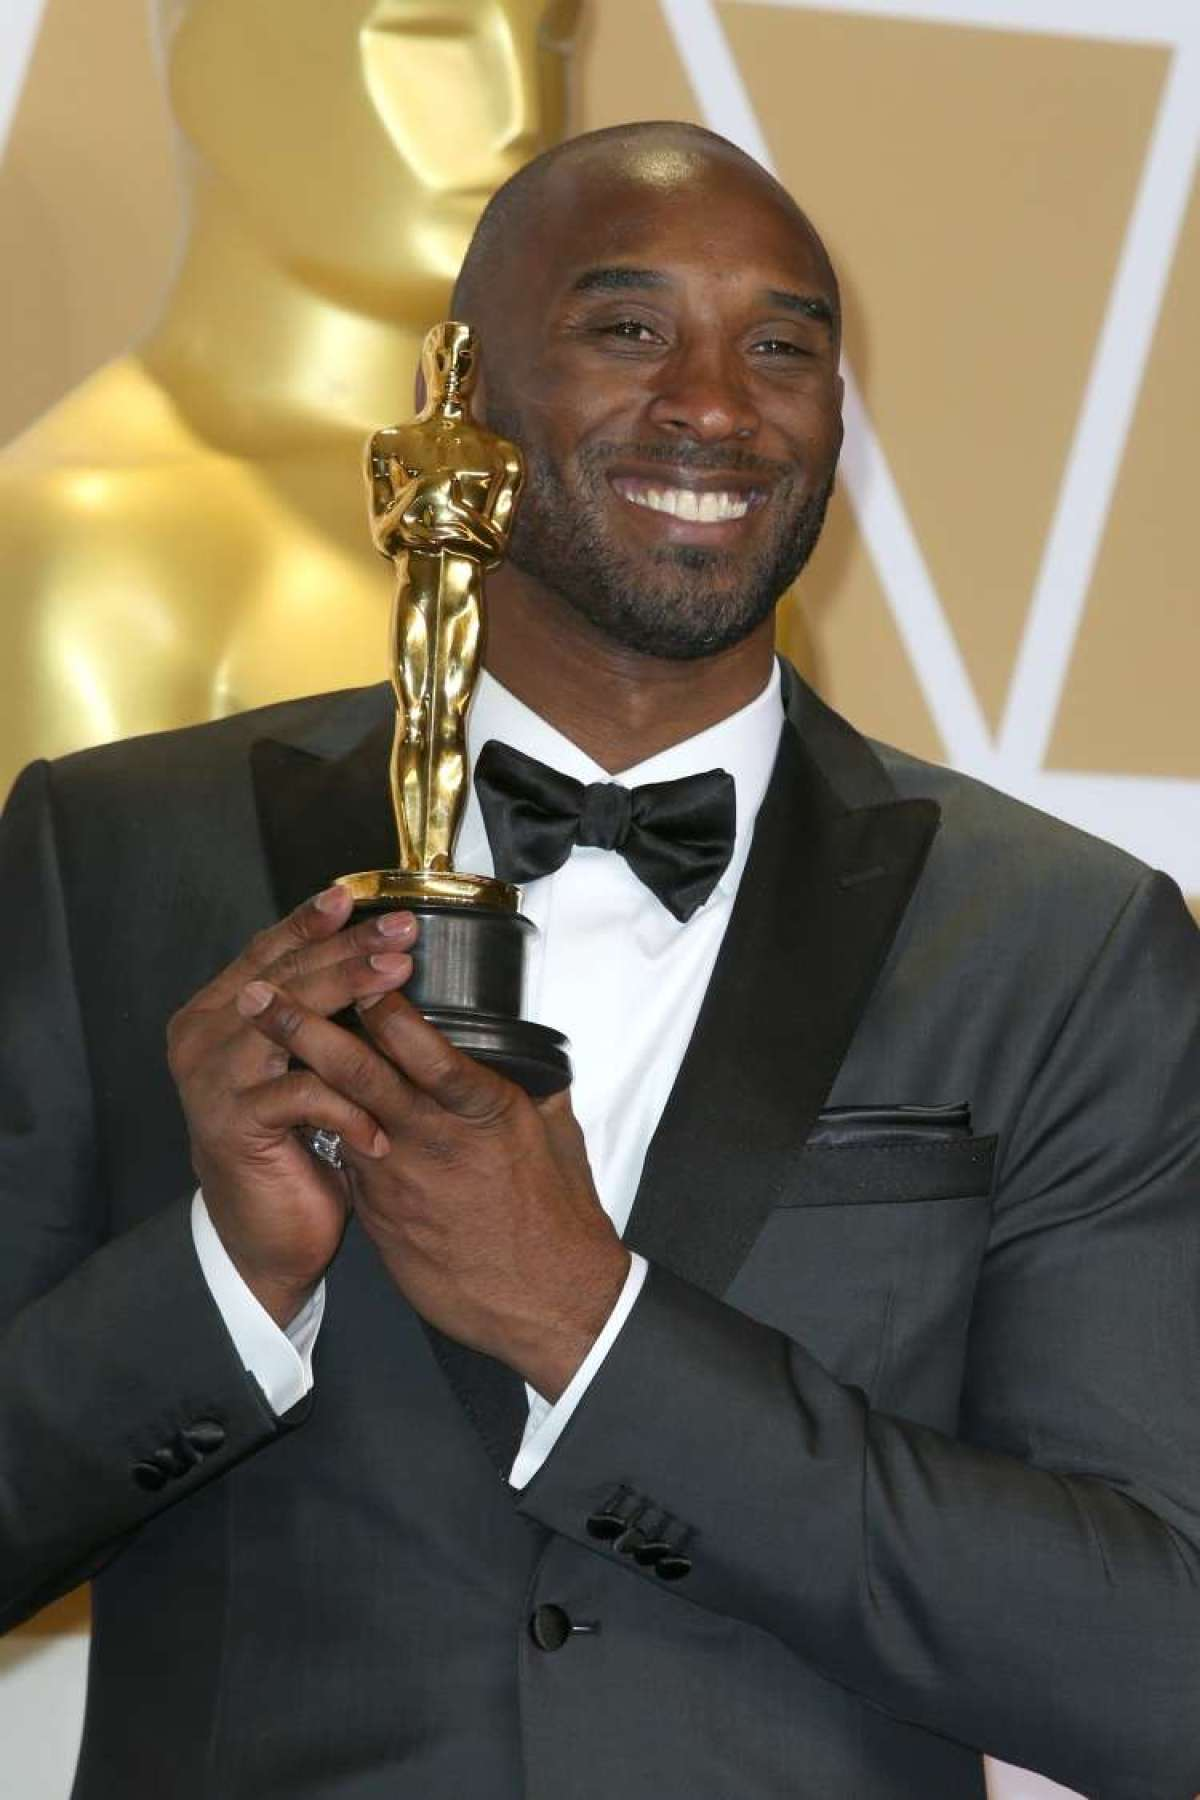 Michael Jordan izbran za častnega voditelja